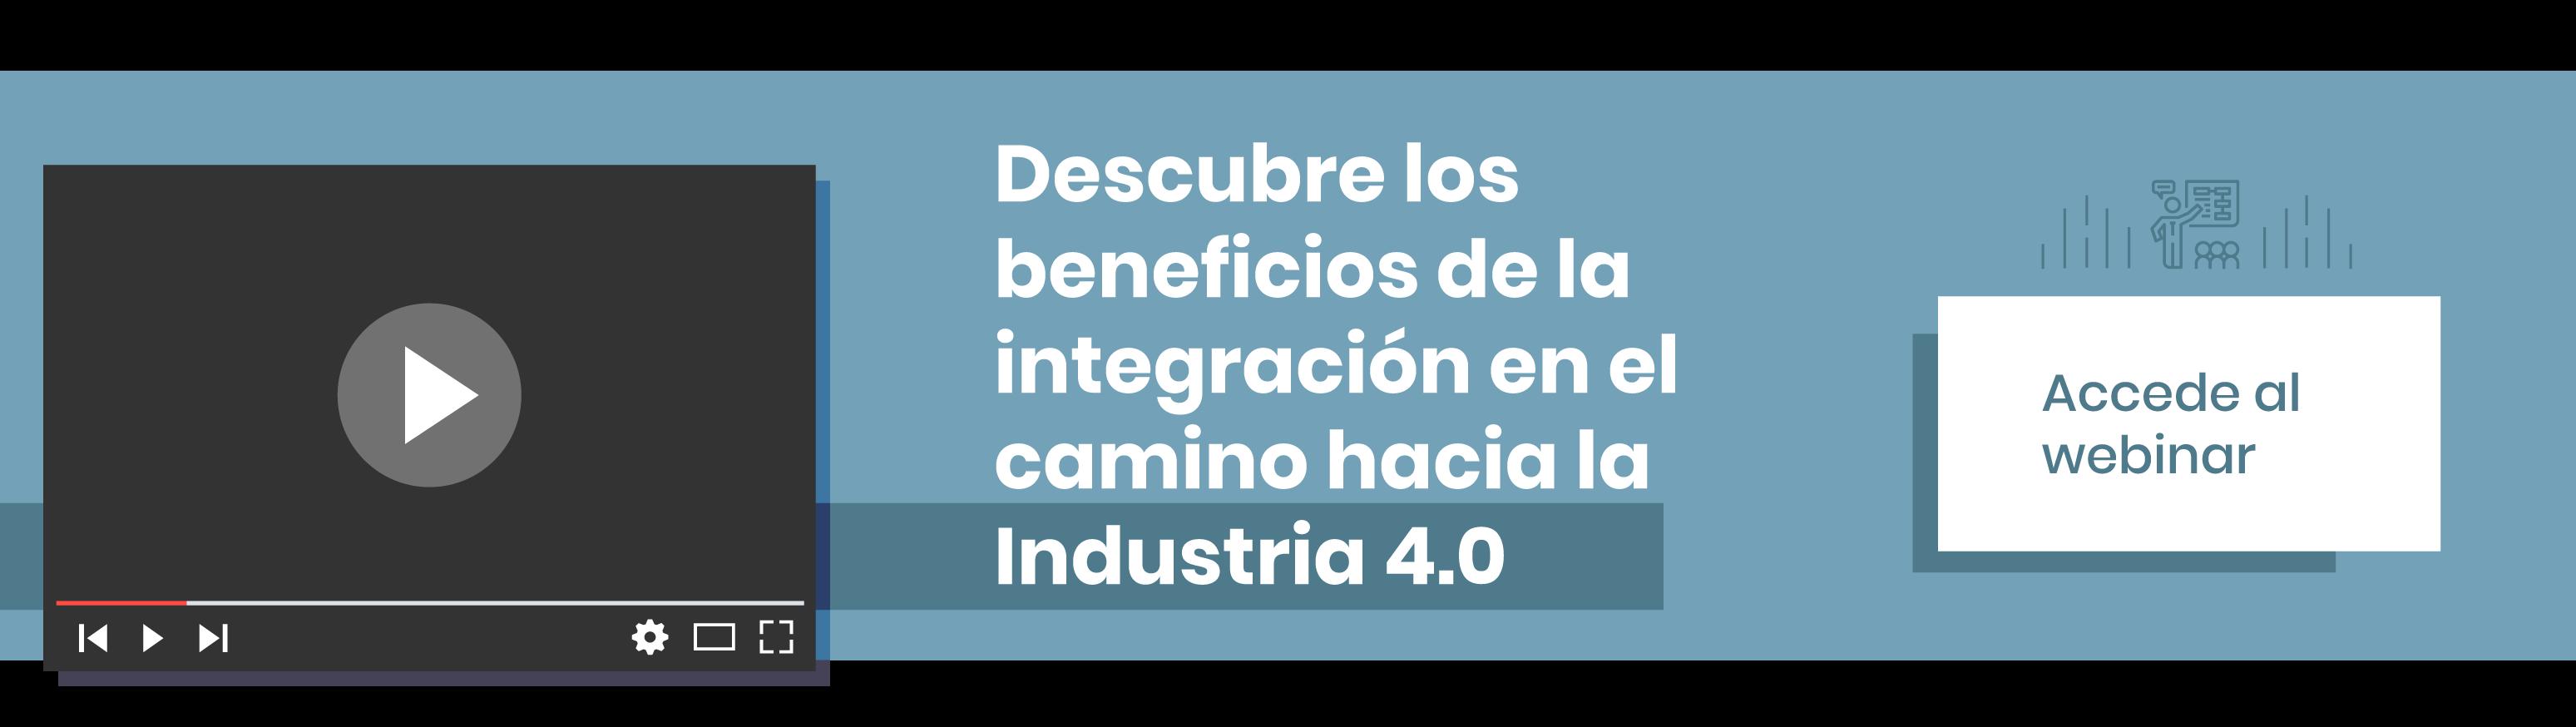 Descubre los beneficios de la integración en el camino hacia la Industria 4.0